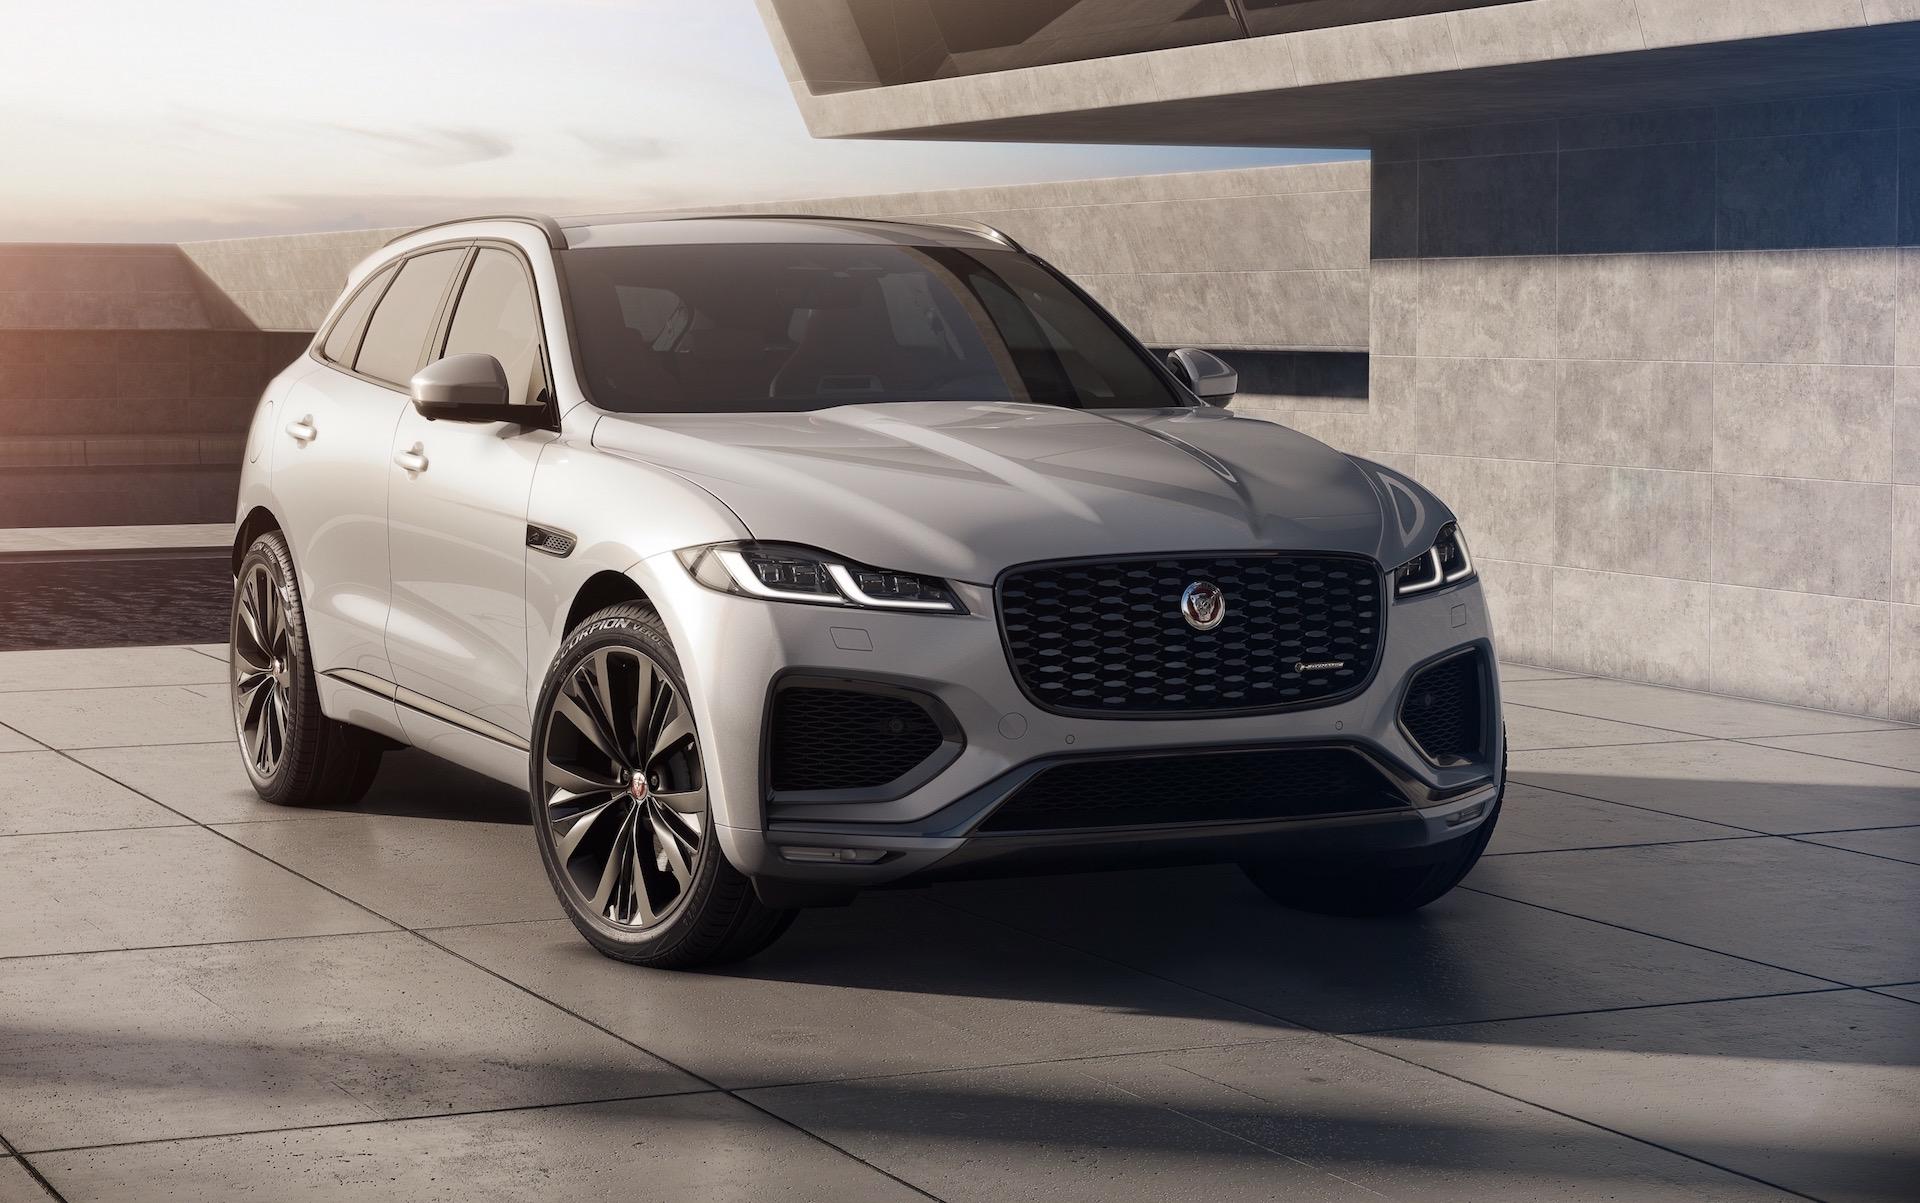 2021 jaguar f-pace revealed, 3.0l inline-6 engines